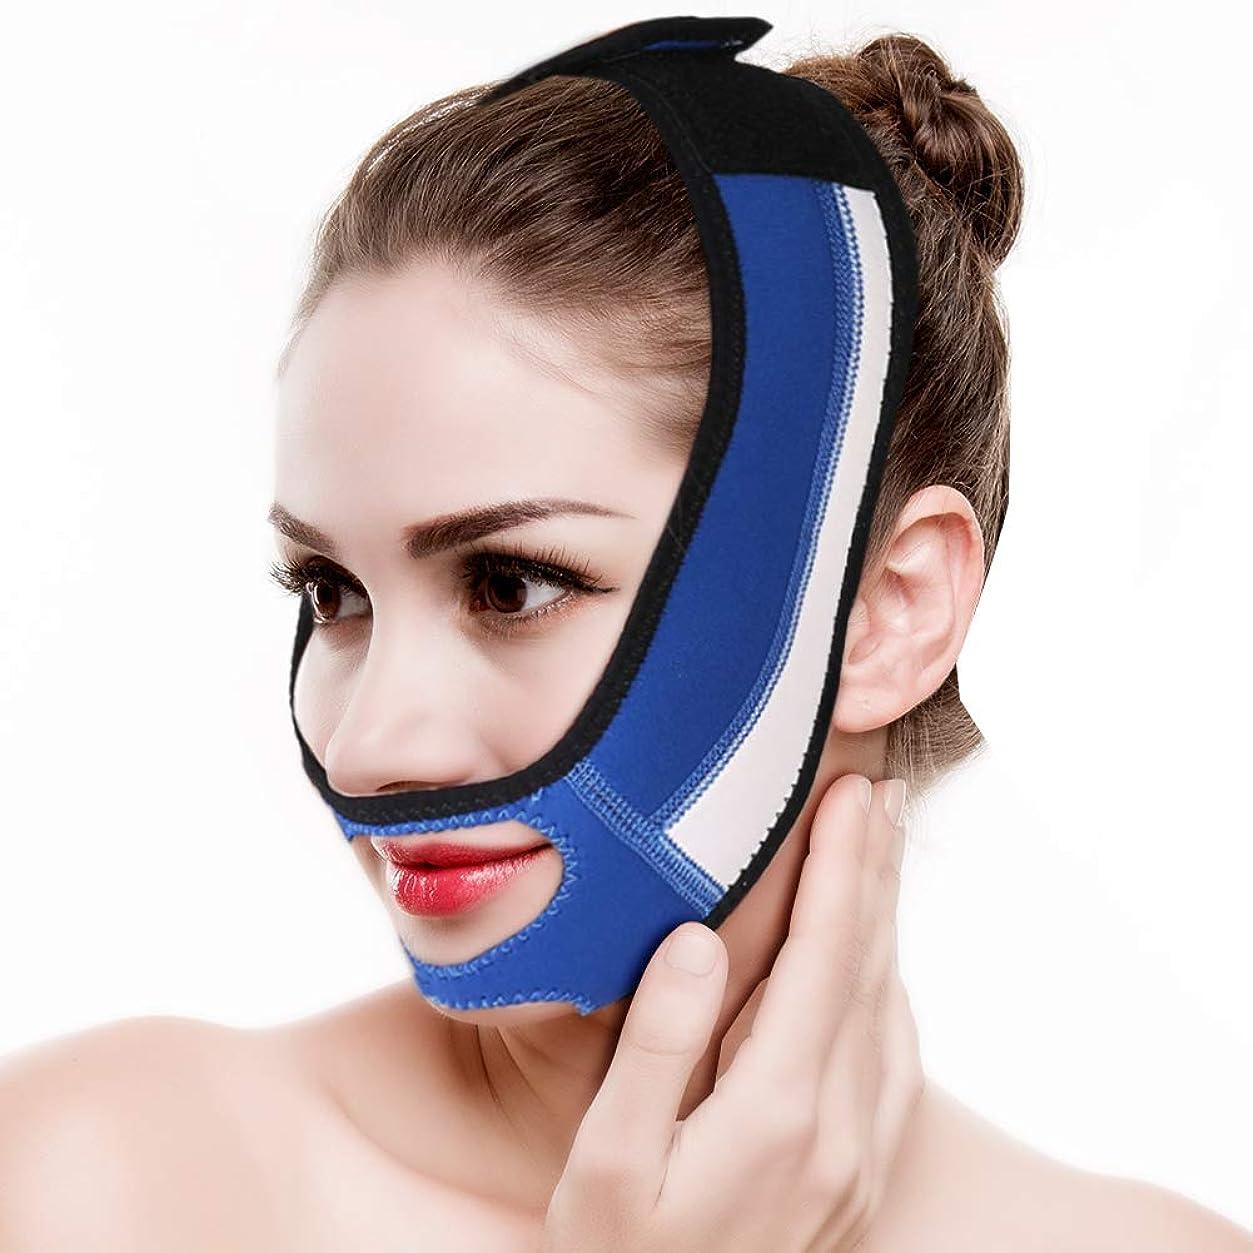 ピット成長前置詞Semme顔の細くマスクの上昇の表面ベルトは皮の包帯を調節します、二重あごは調節可能な減量の包帯を取除きます